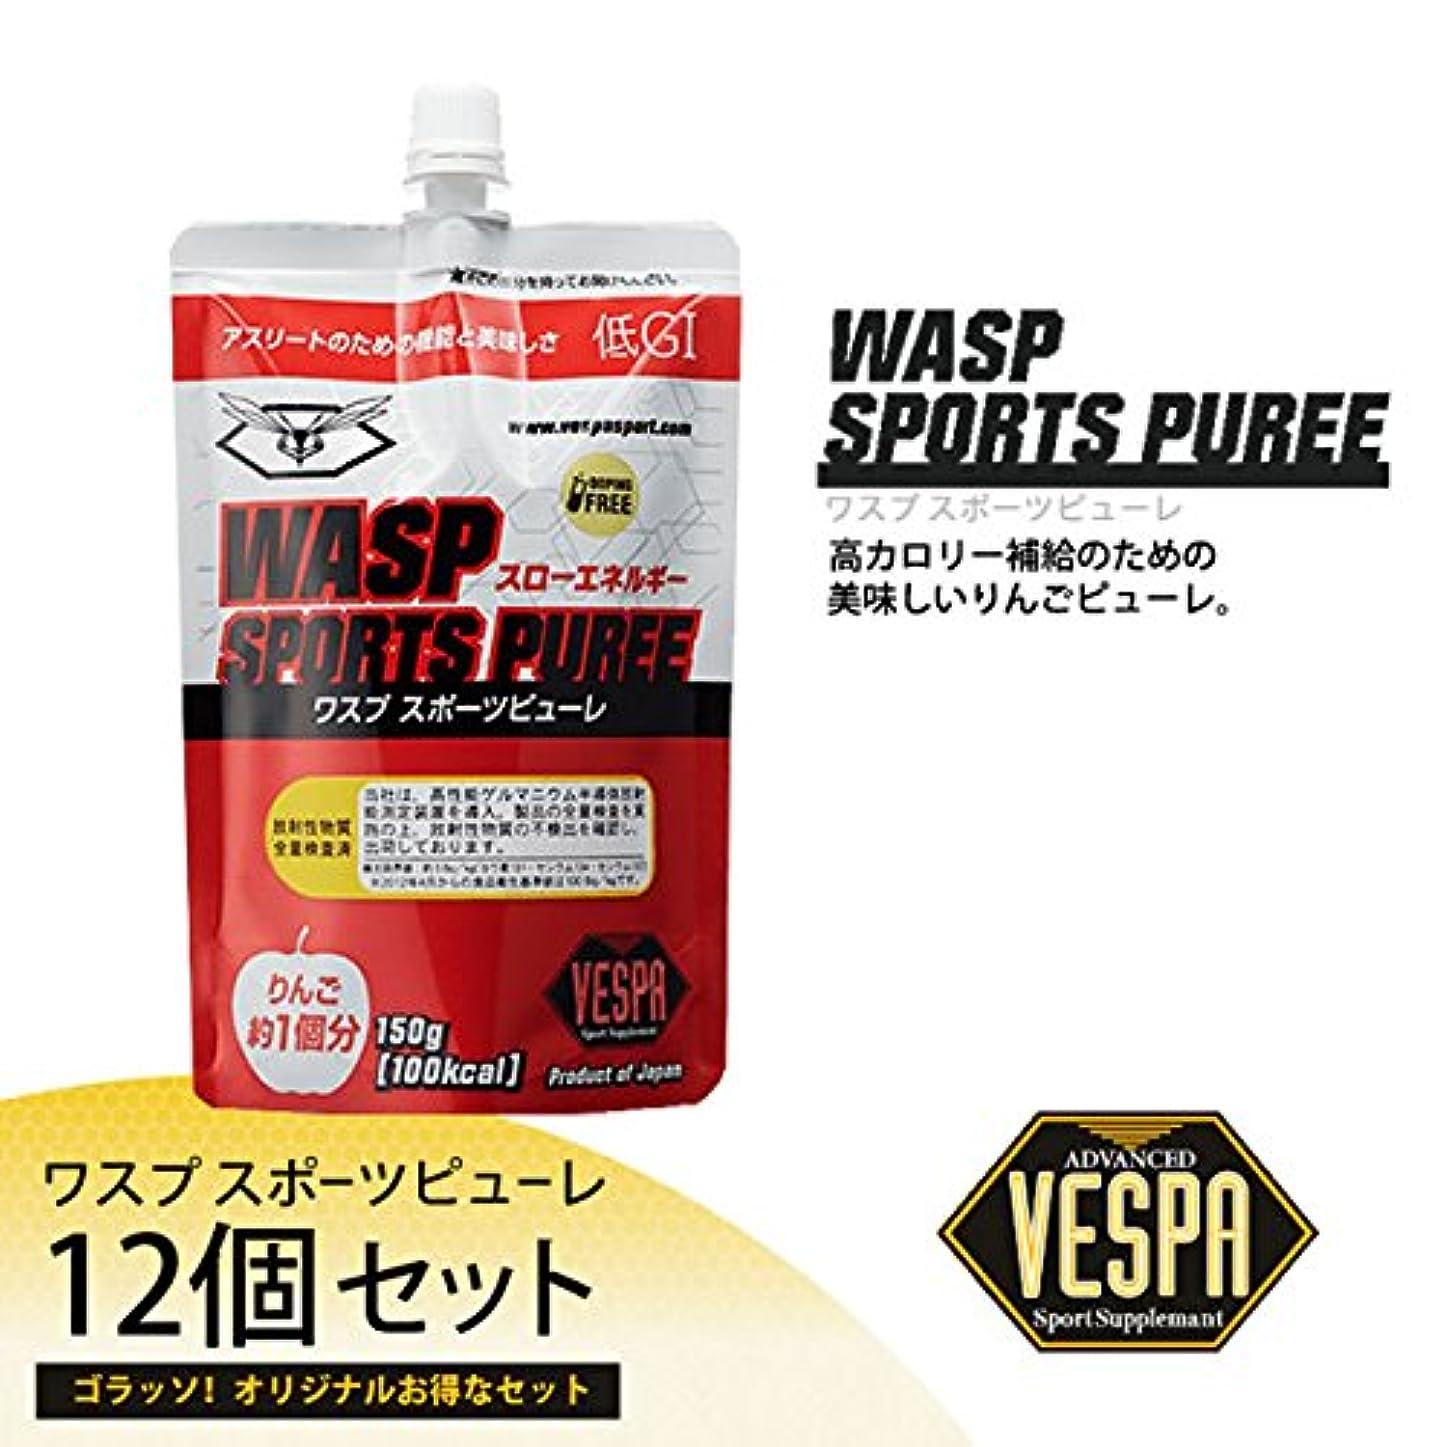 フィットネス専門火山VESPA(べスパ) WASP SPORTS PUREE(ワスプ スポーツピューレ) 150ml ×12個